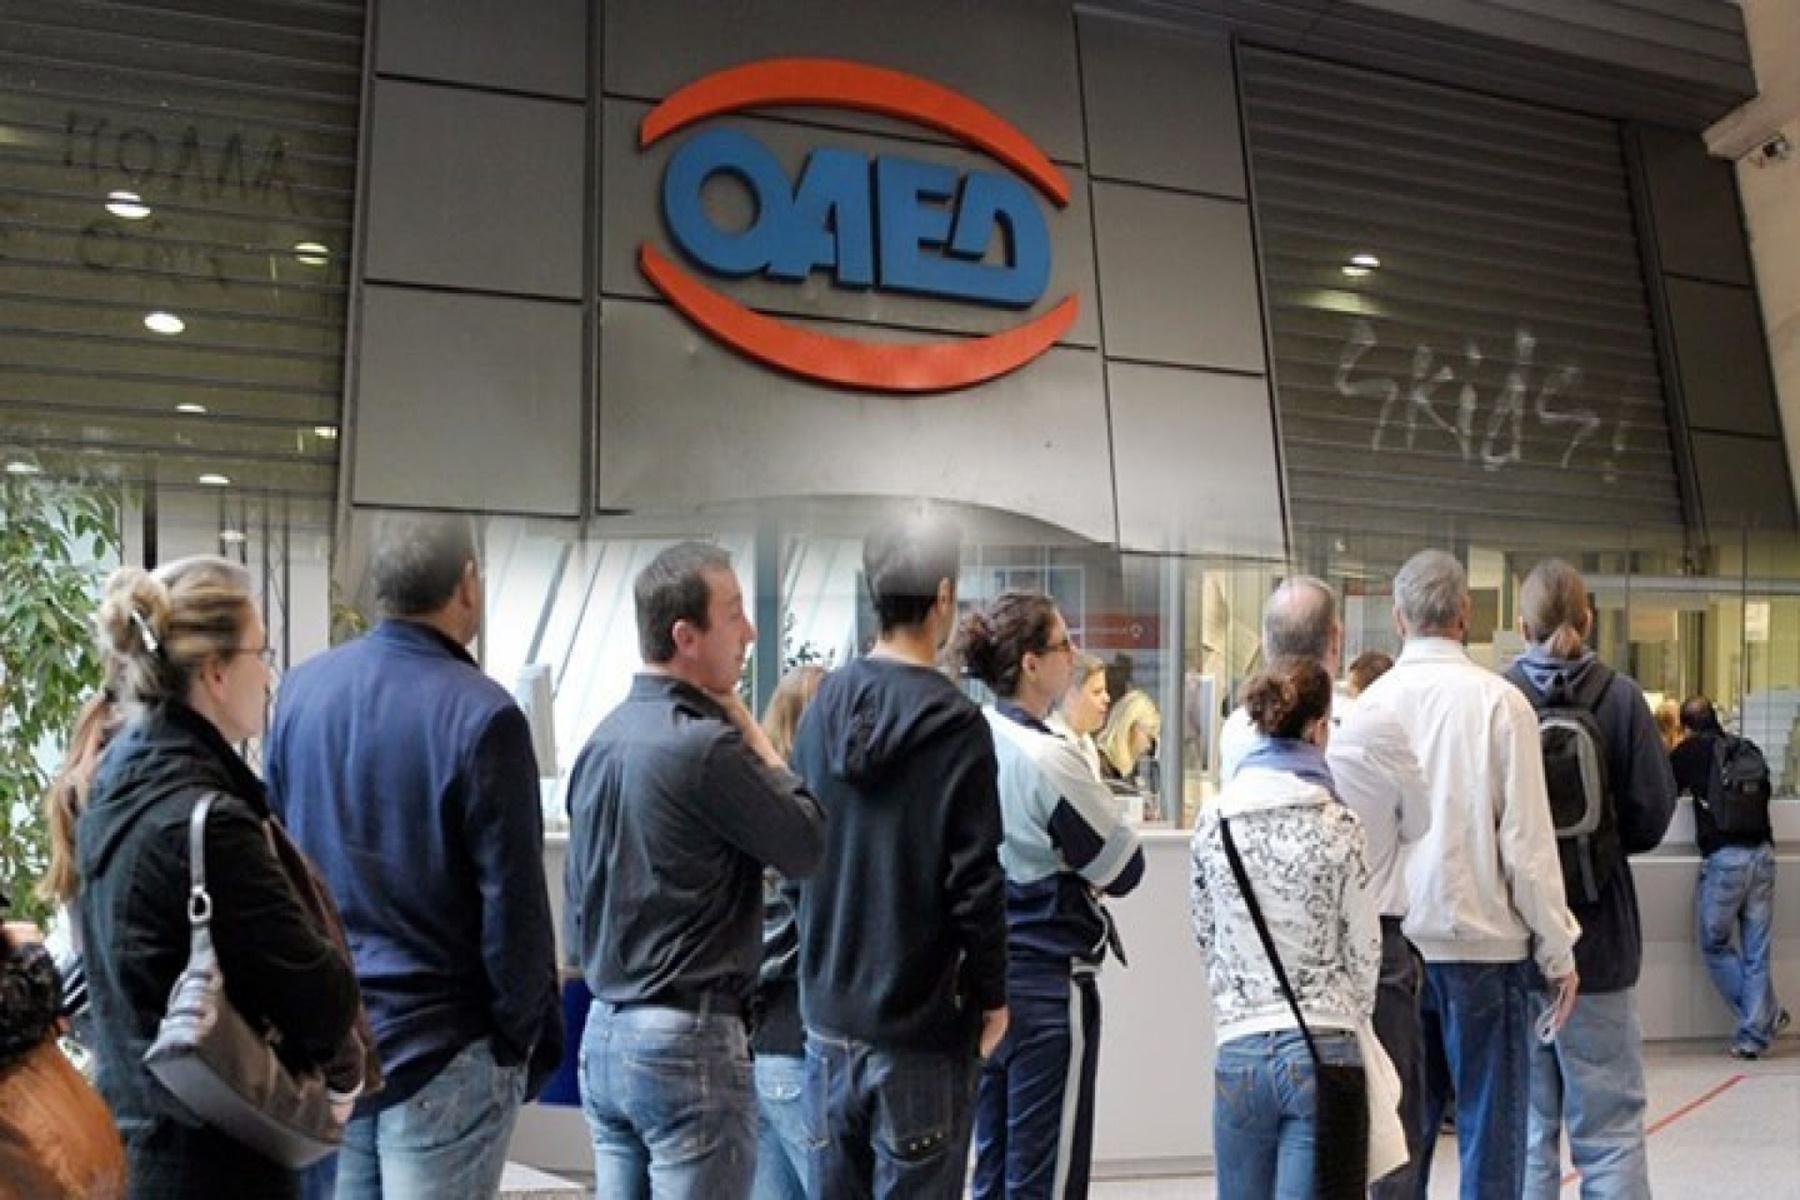 ΟΑΕΔ : Καταρτεί κατάλογο για παροχή υπηρεσιών μηχανικού